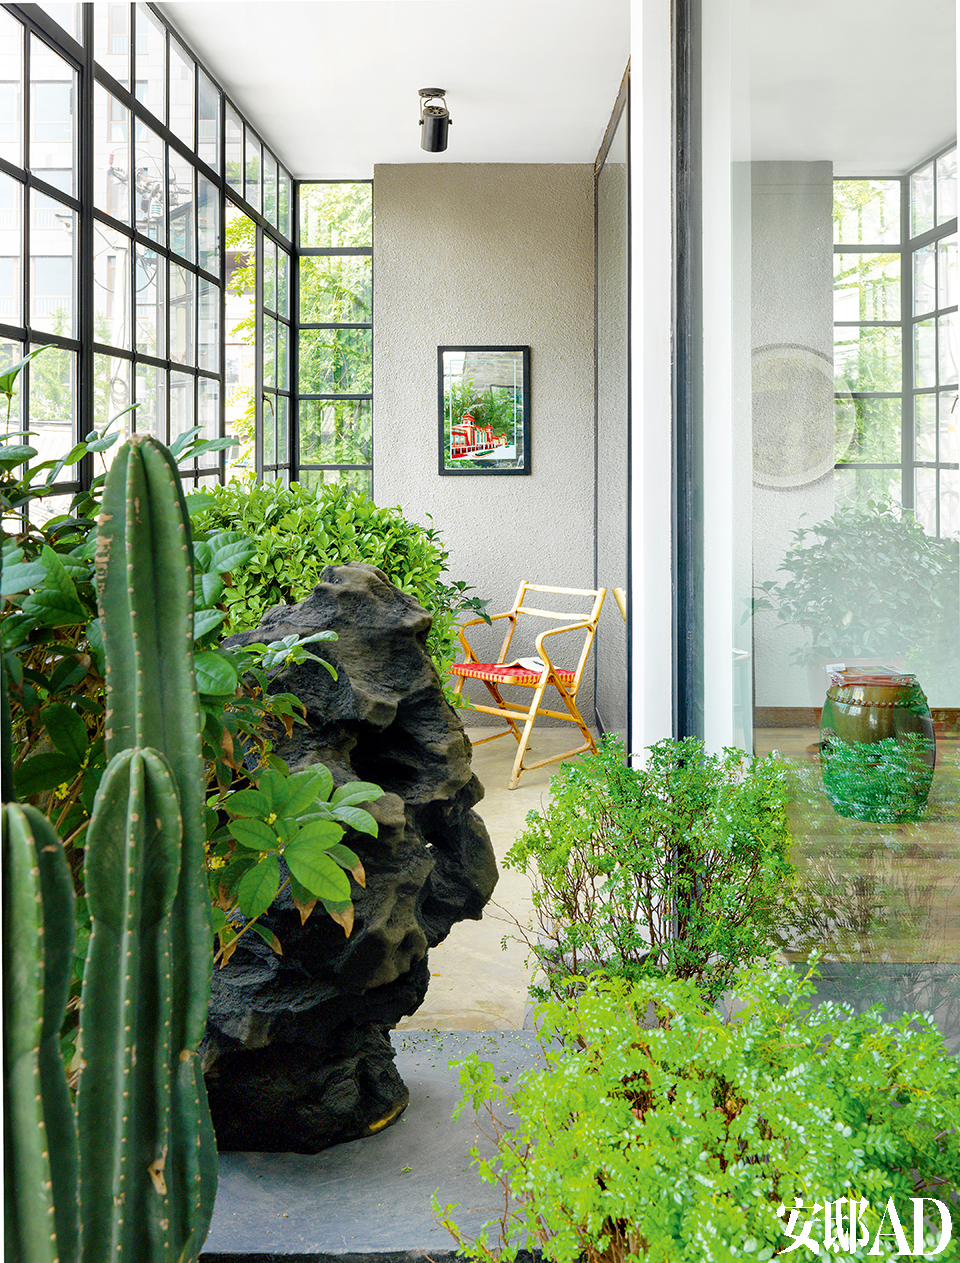 阳台上摆满了各种绿植,有趣的是,每一盆绿植上都贴着几天浇 一次水的标签,可见Juan的严谨和细心。